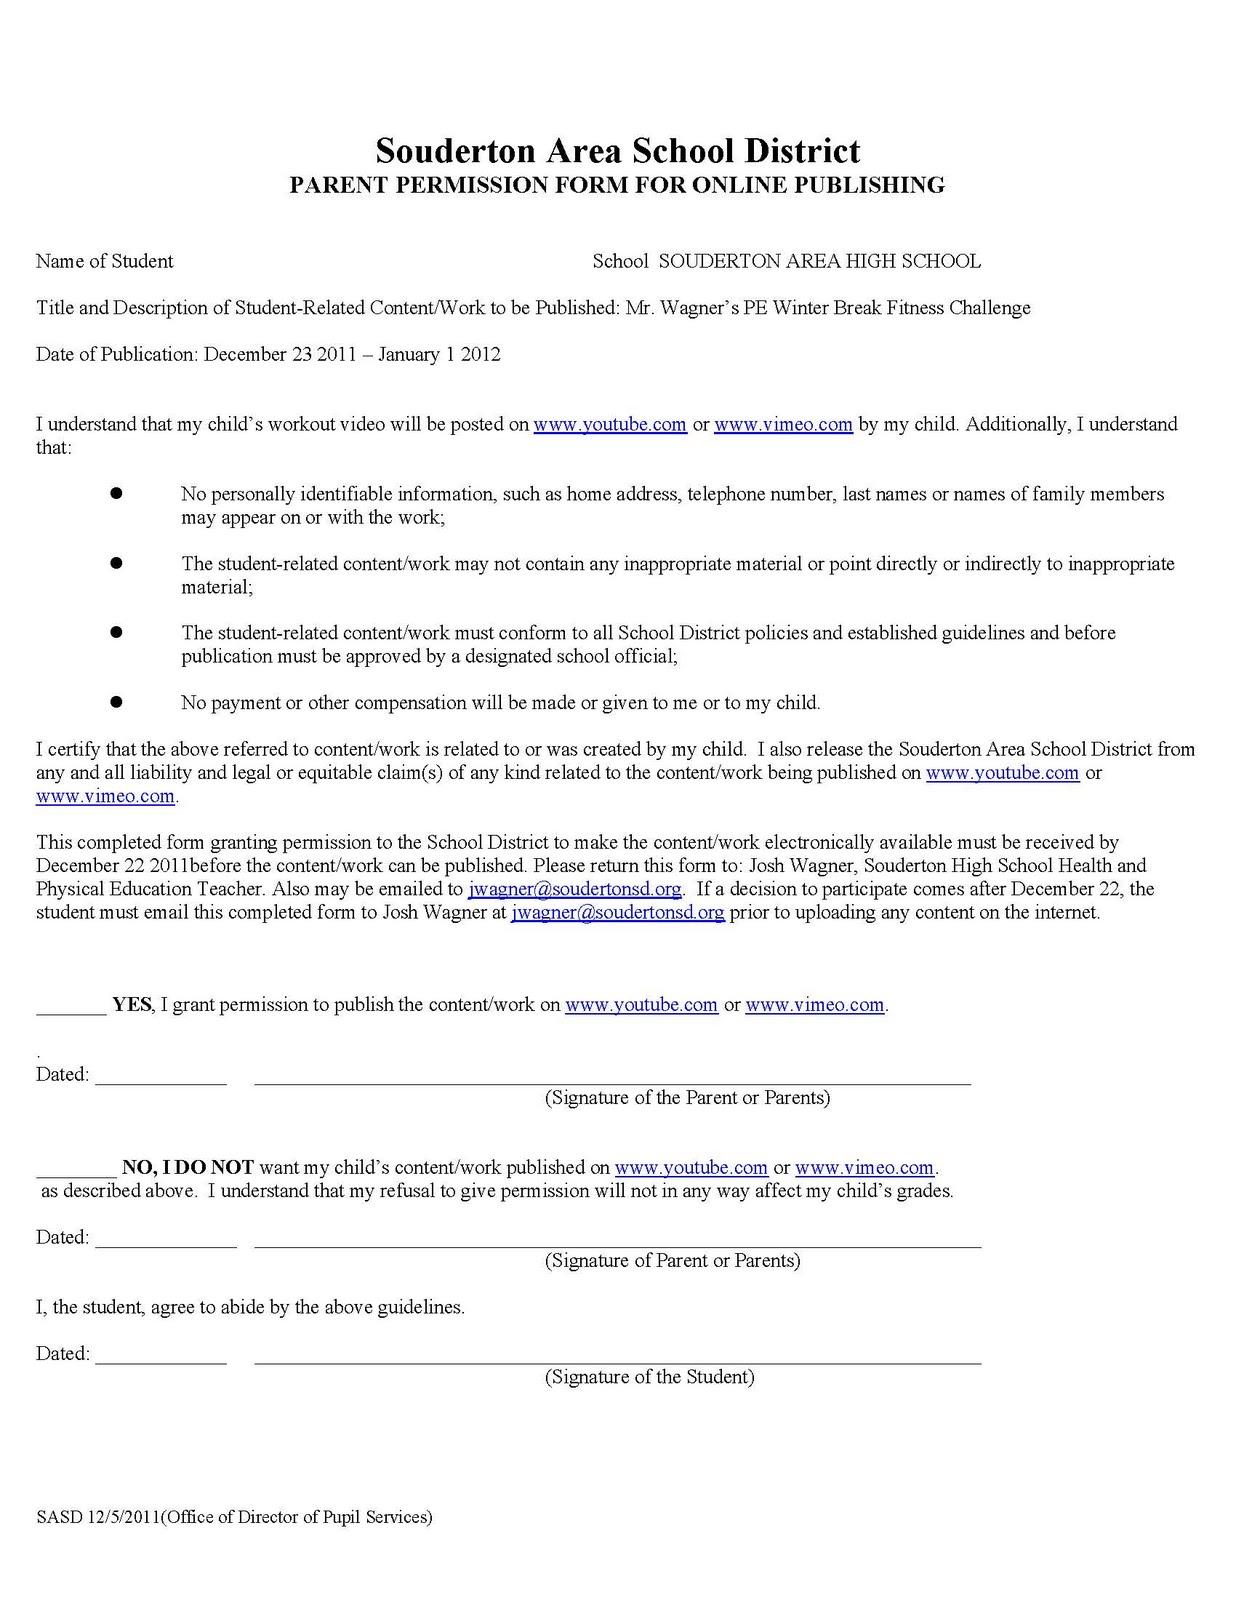 permission forms template – Parent Release Form